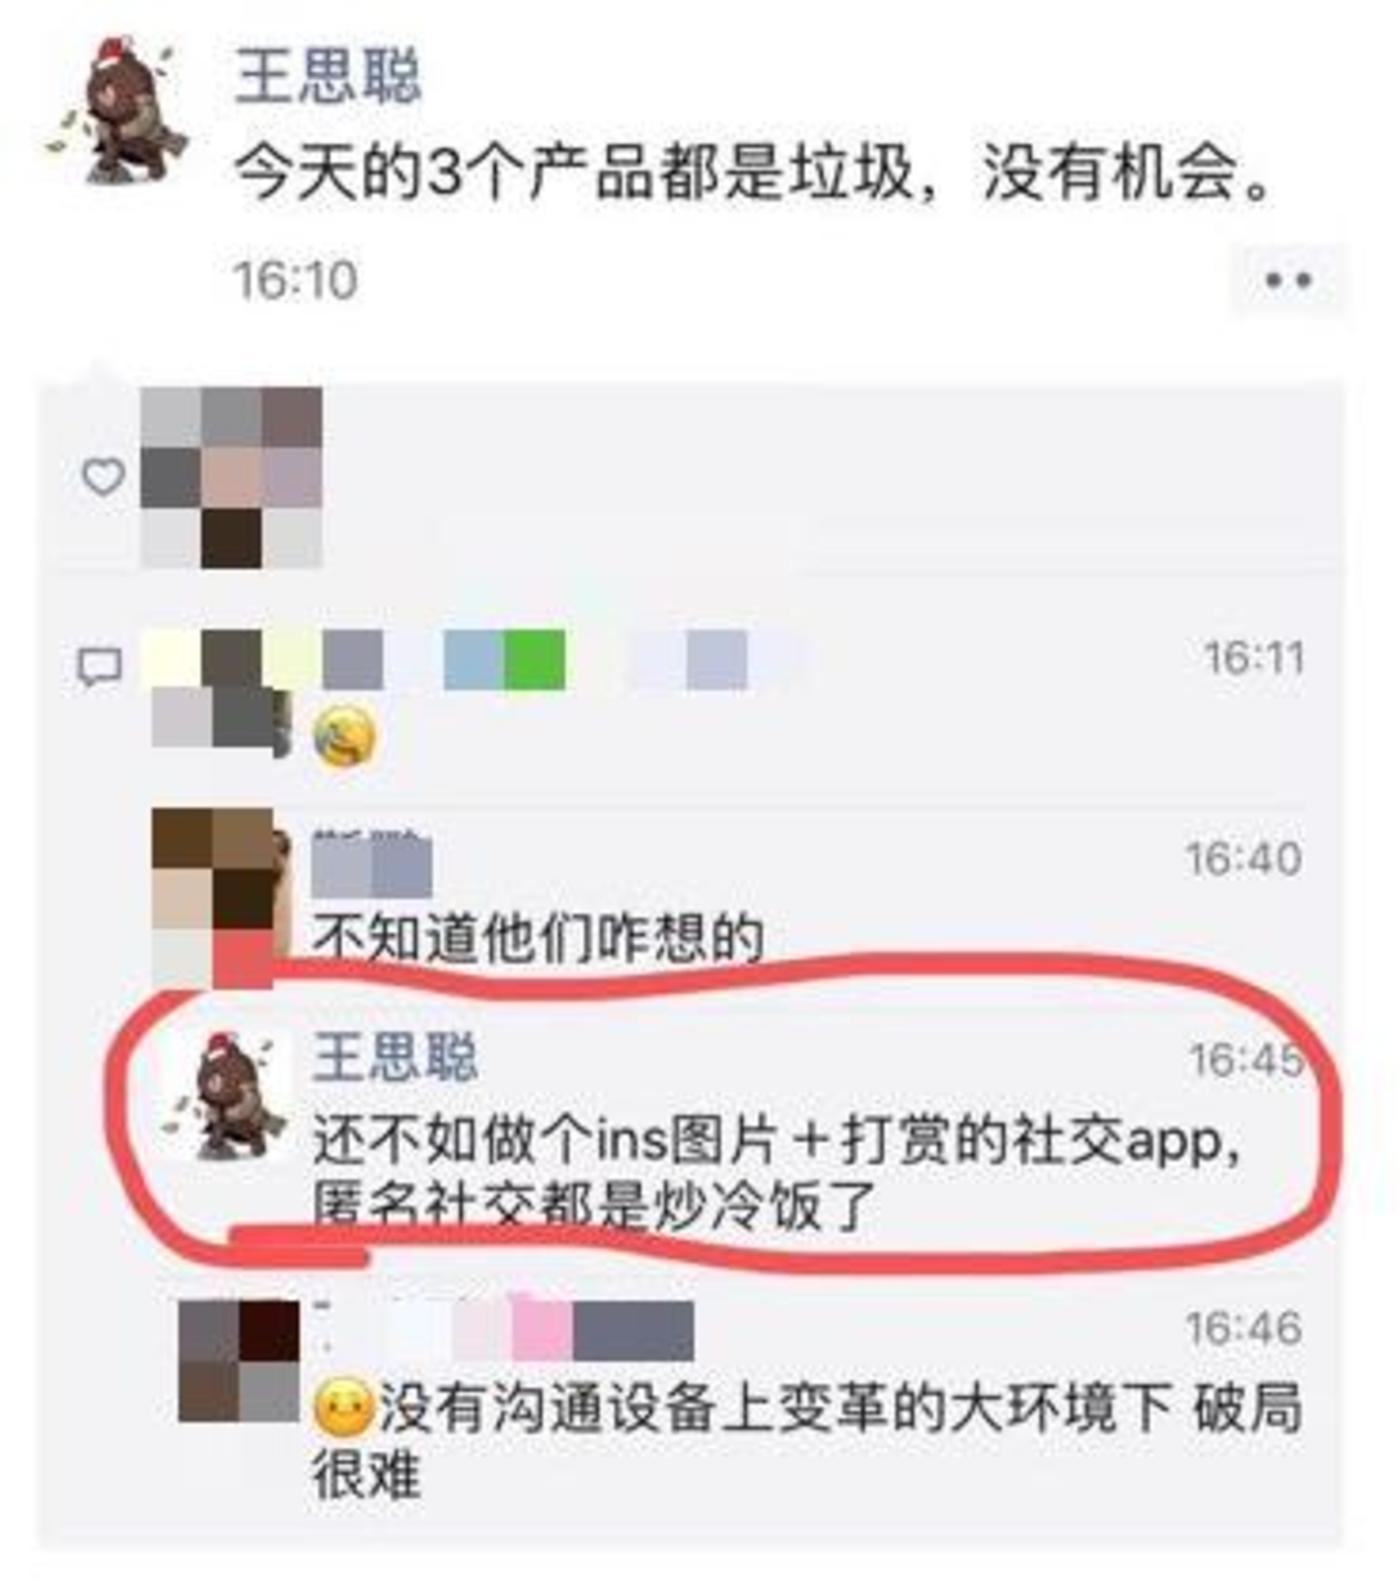 王思聪  微信